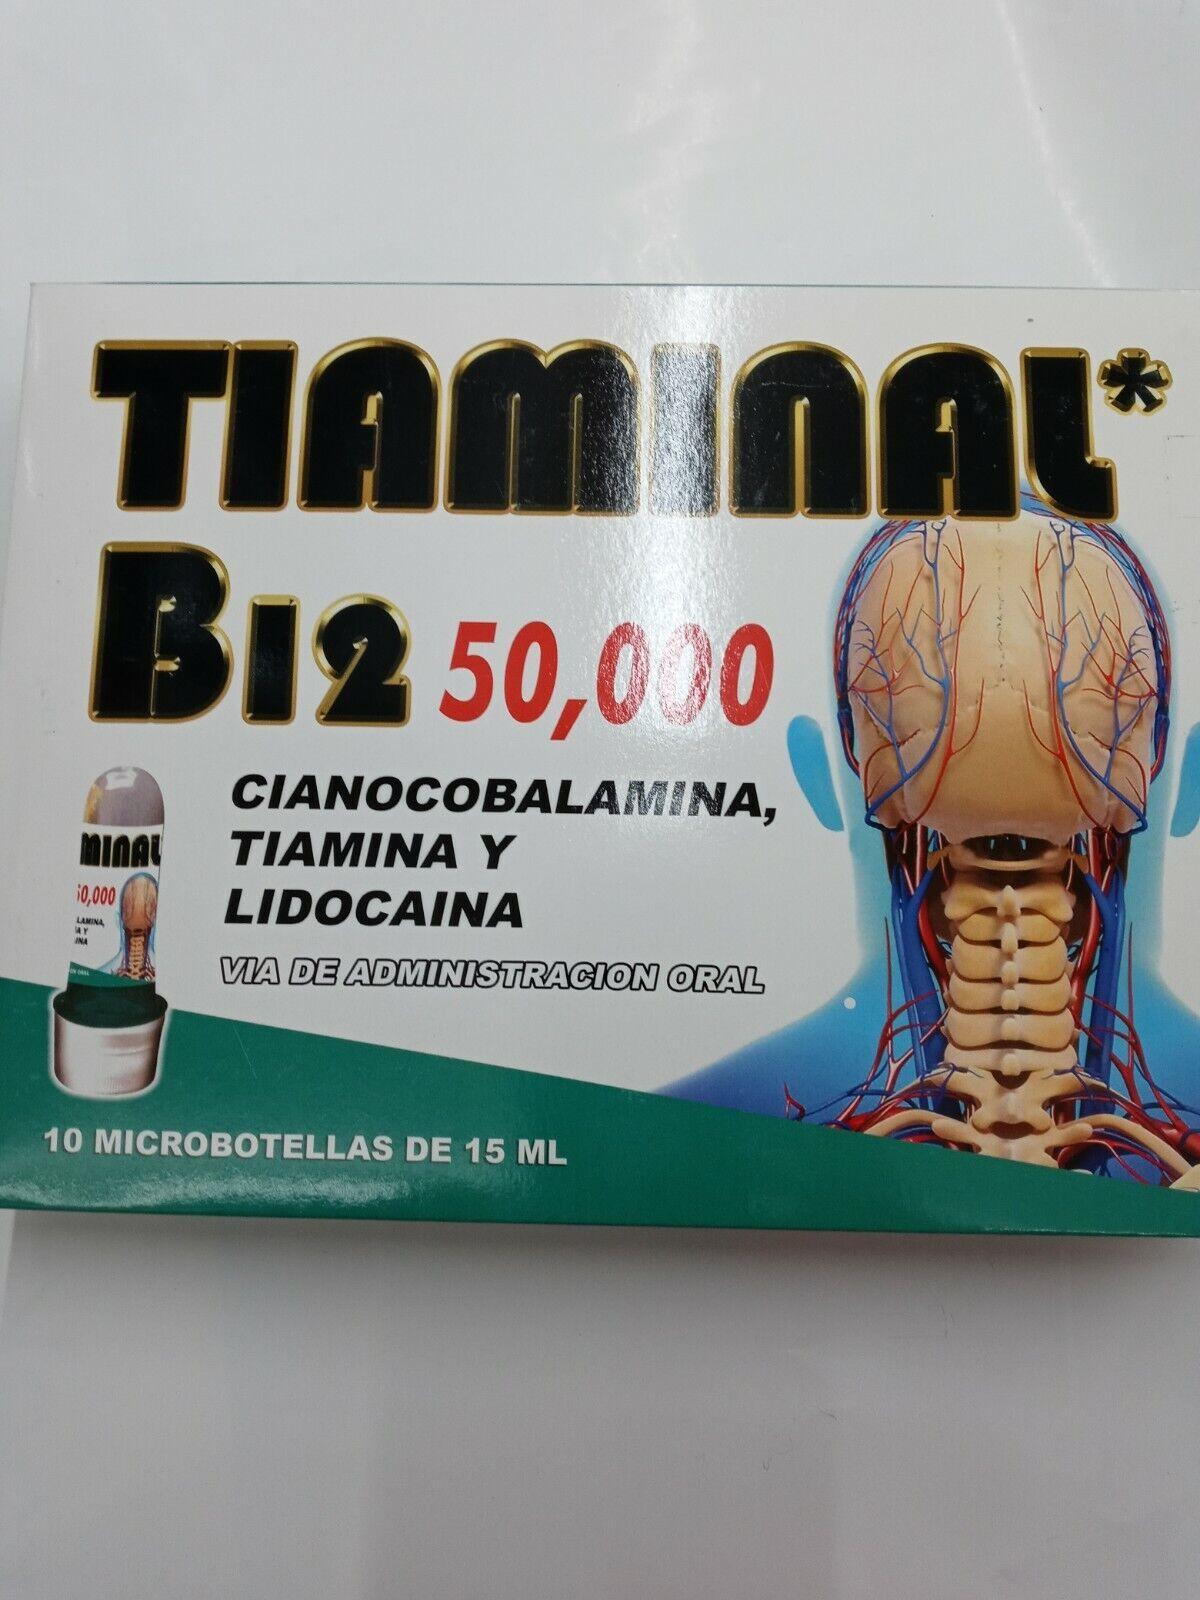 TIAMINAL B12 50,000 CIANOCOBALAMINA